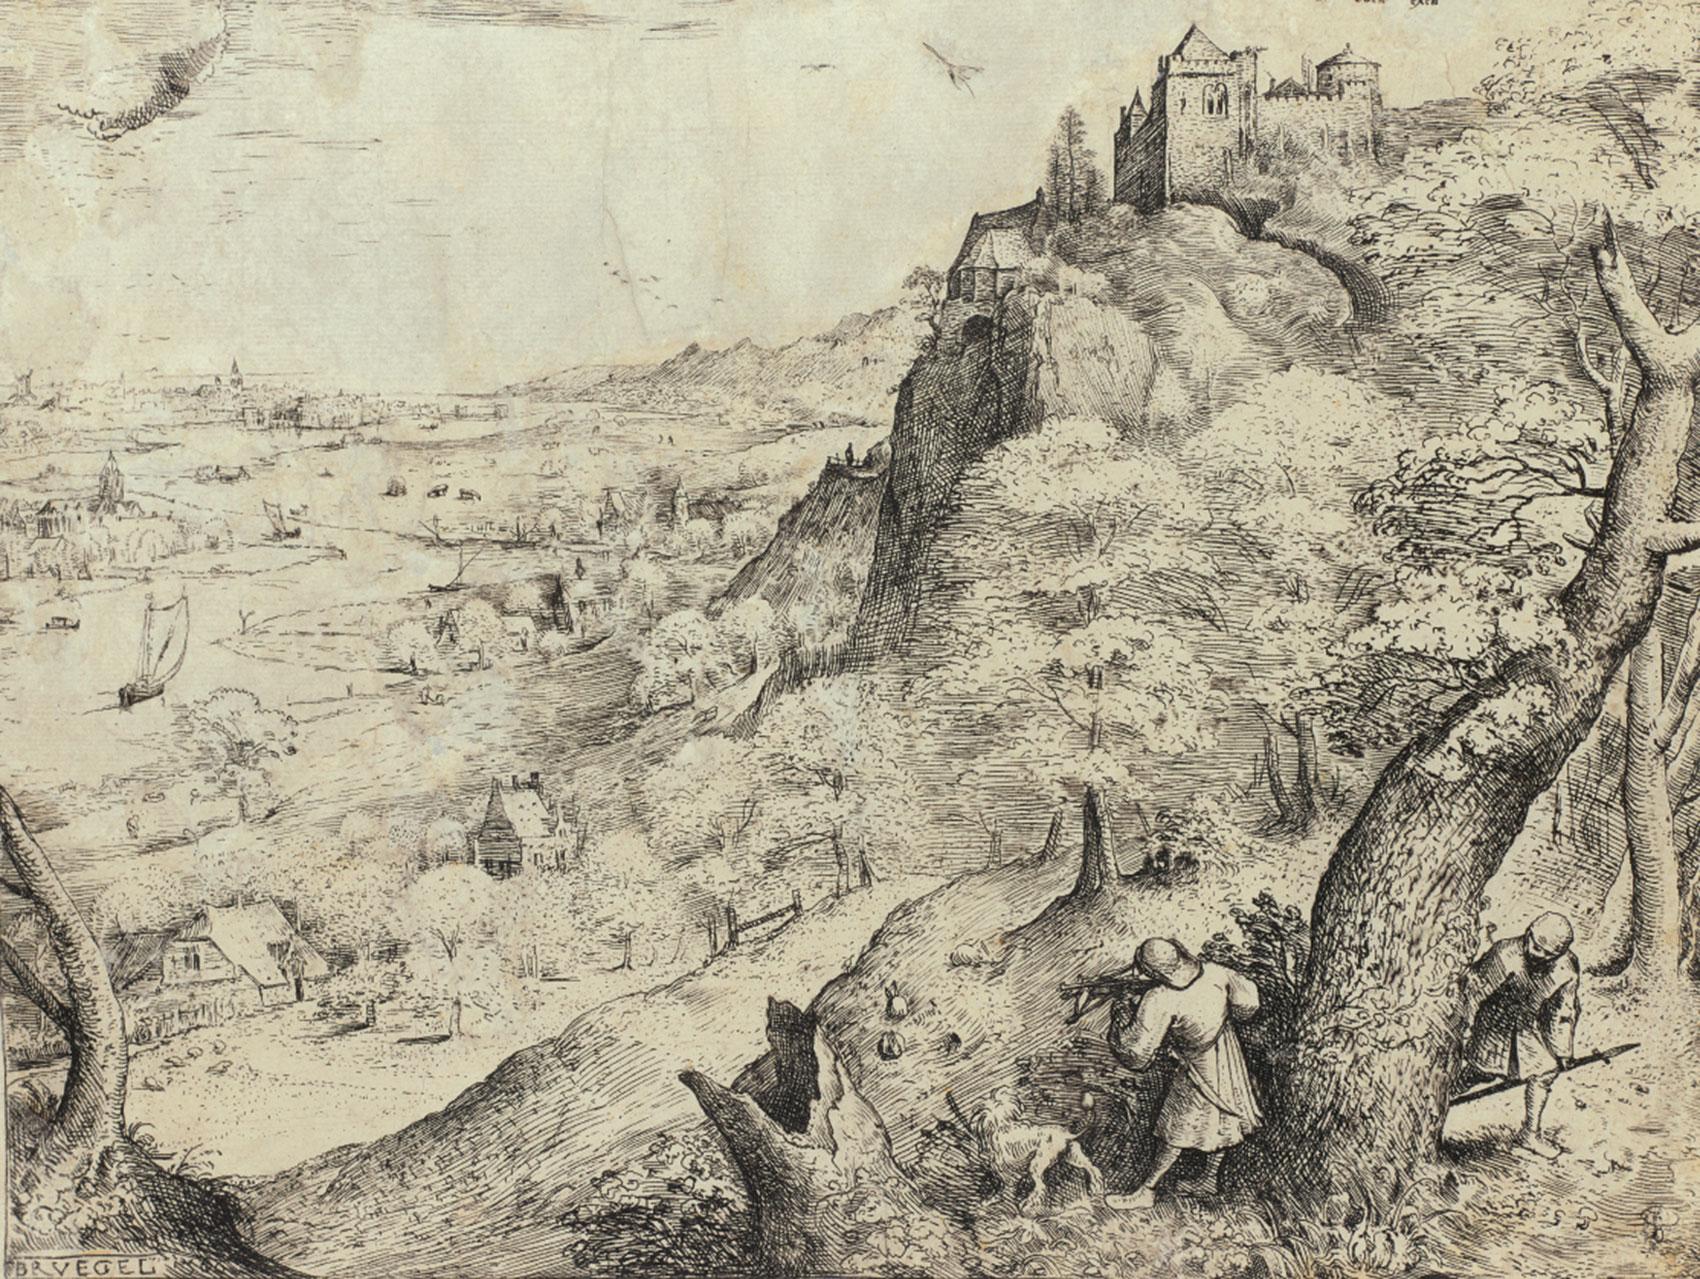 ピーテル・ブリューゲル1世(下絵、版刻)「野ウサギ狩り」1560年 エッチング Museum BVB, Rotterdam, the Netherlands